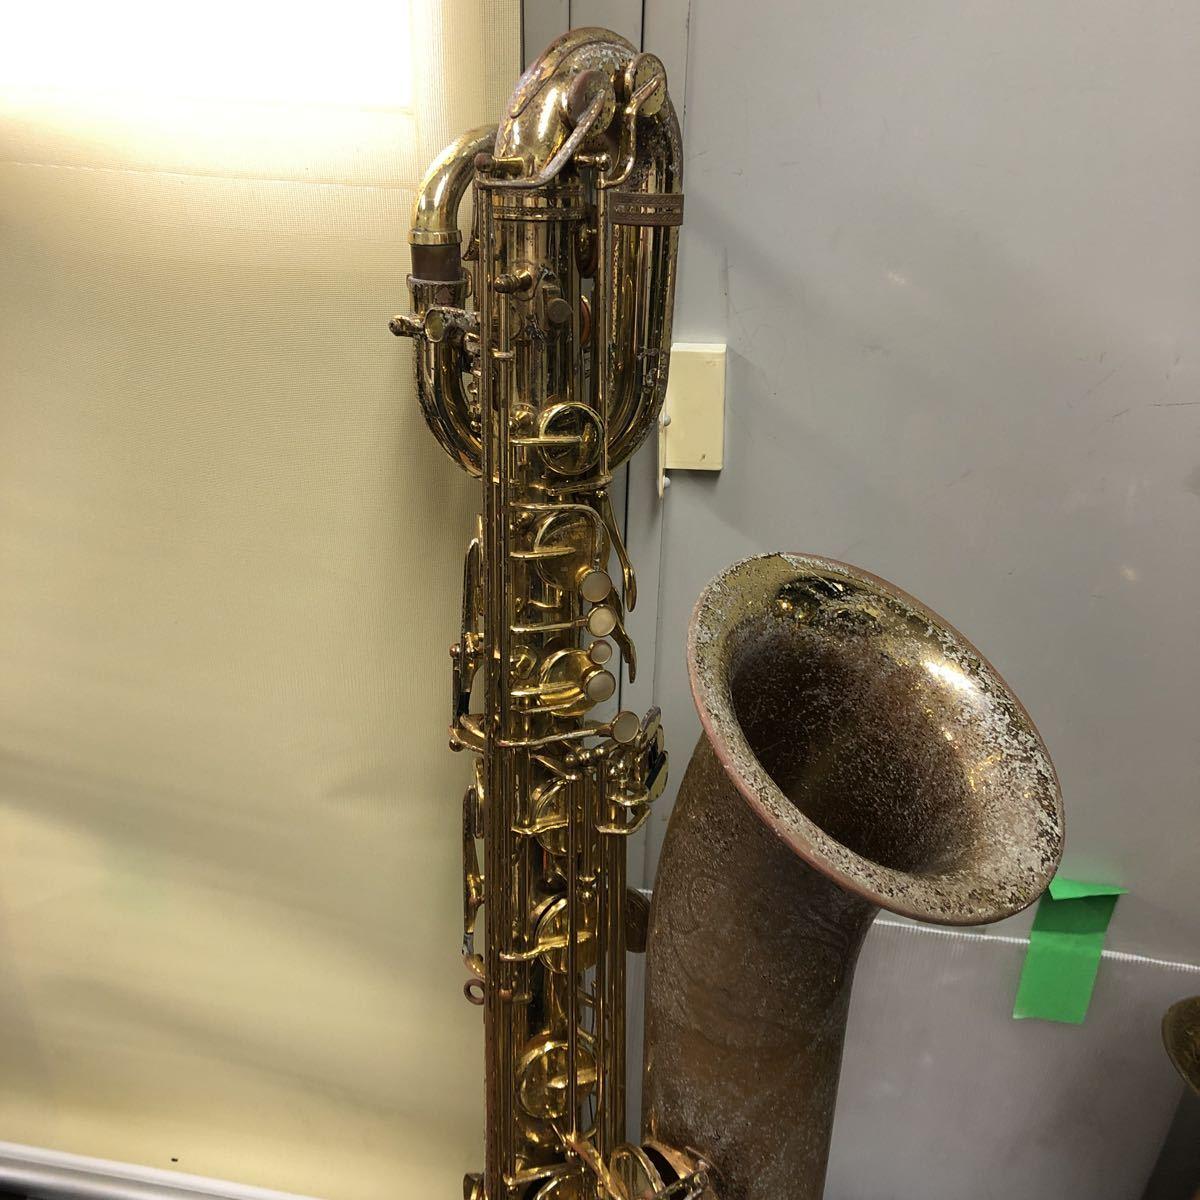 ★YAMAHA★ヤマハ バリトンサックス YBS-61 木管楽器 プロモデル 5388 ヴィンテージ 中古現状品 _画像2